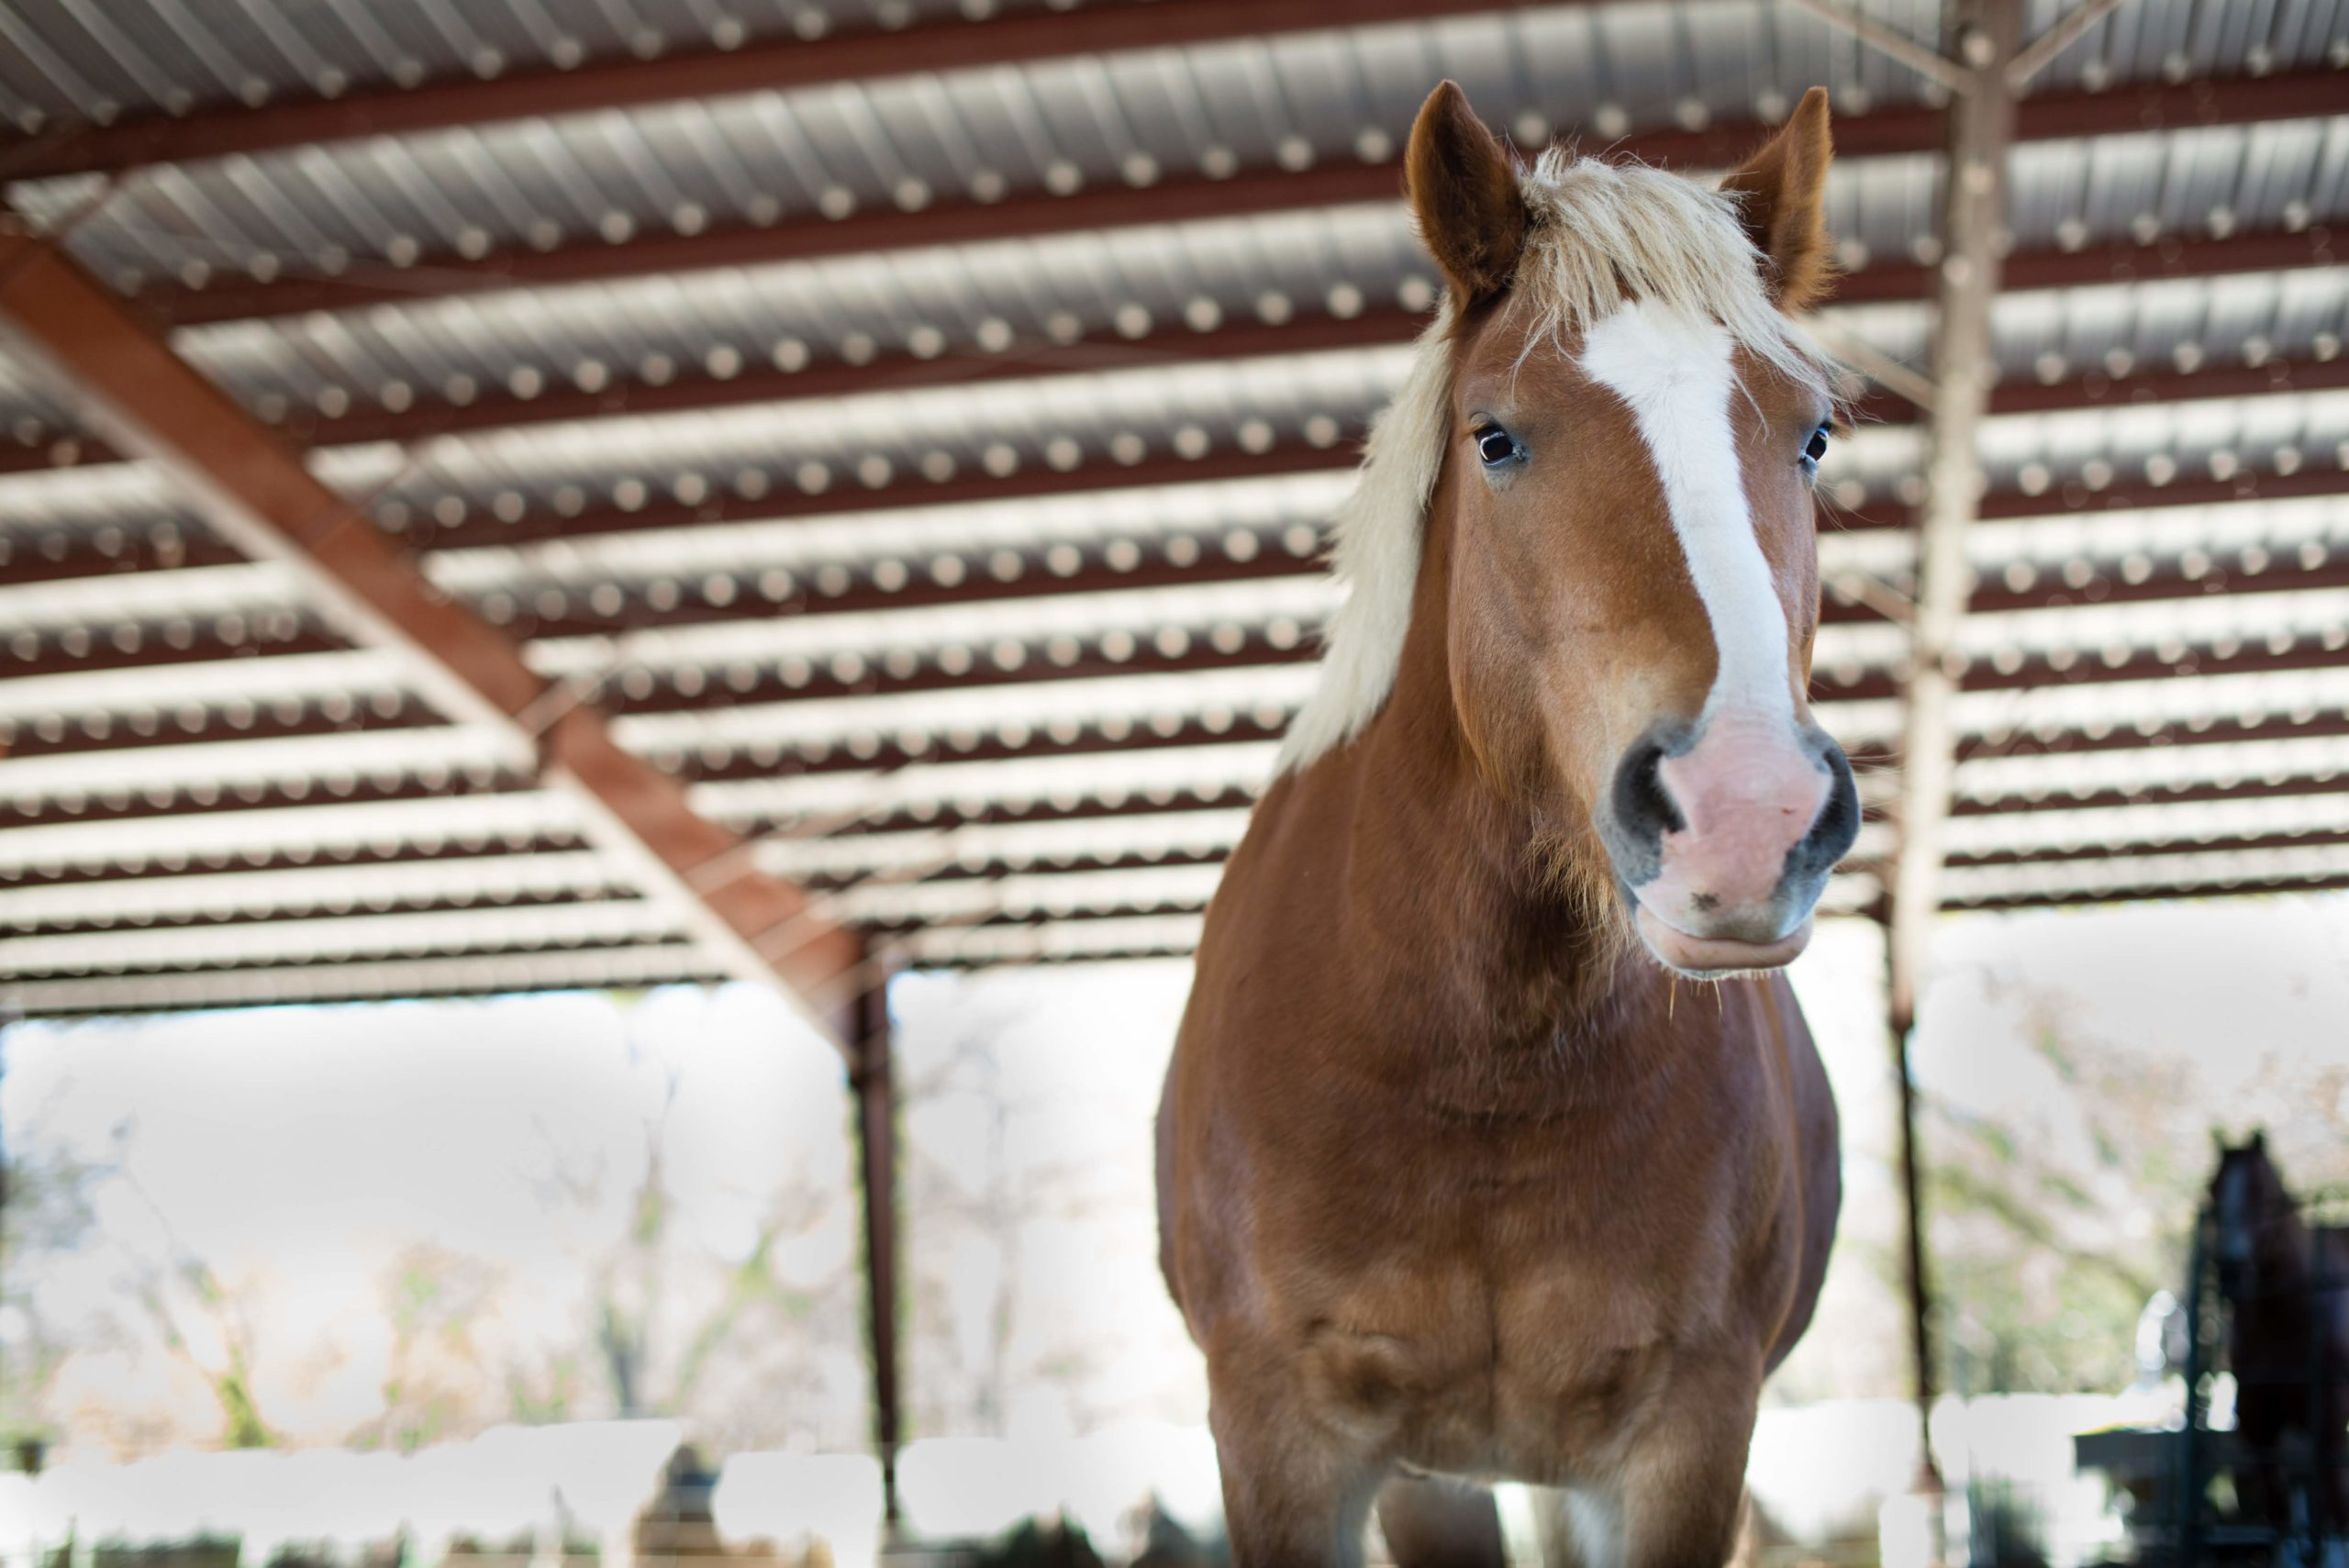 Peach the Horse